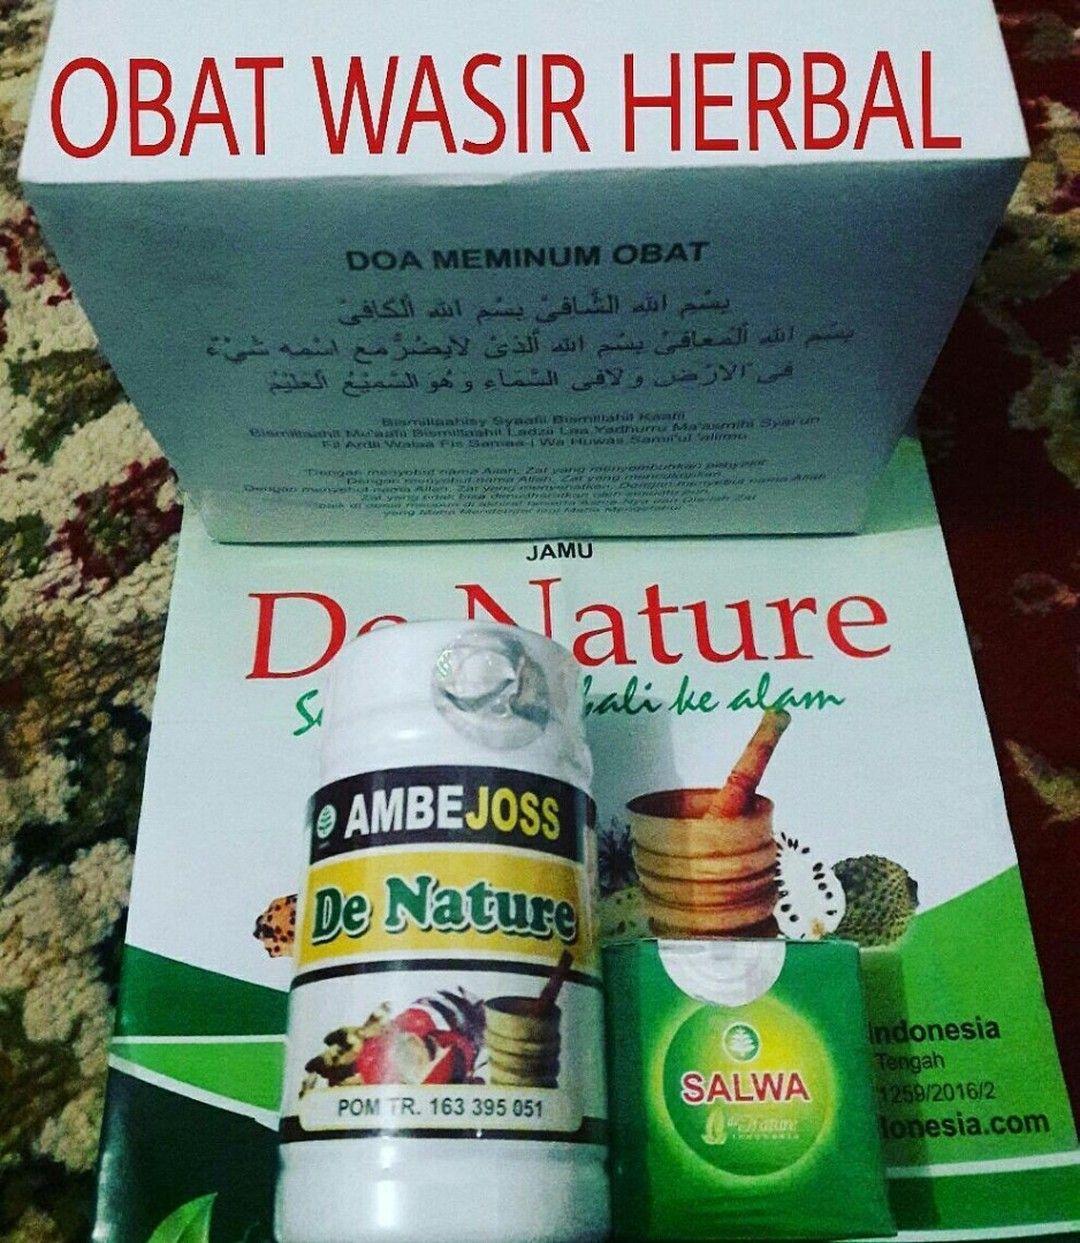 Obat Herbal Untuk Wasir Atau Ambeyen Hati Produk Palsu Manjur Ambeien De Nature